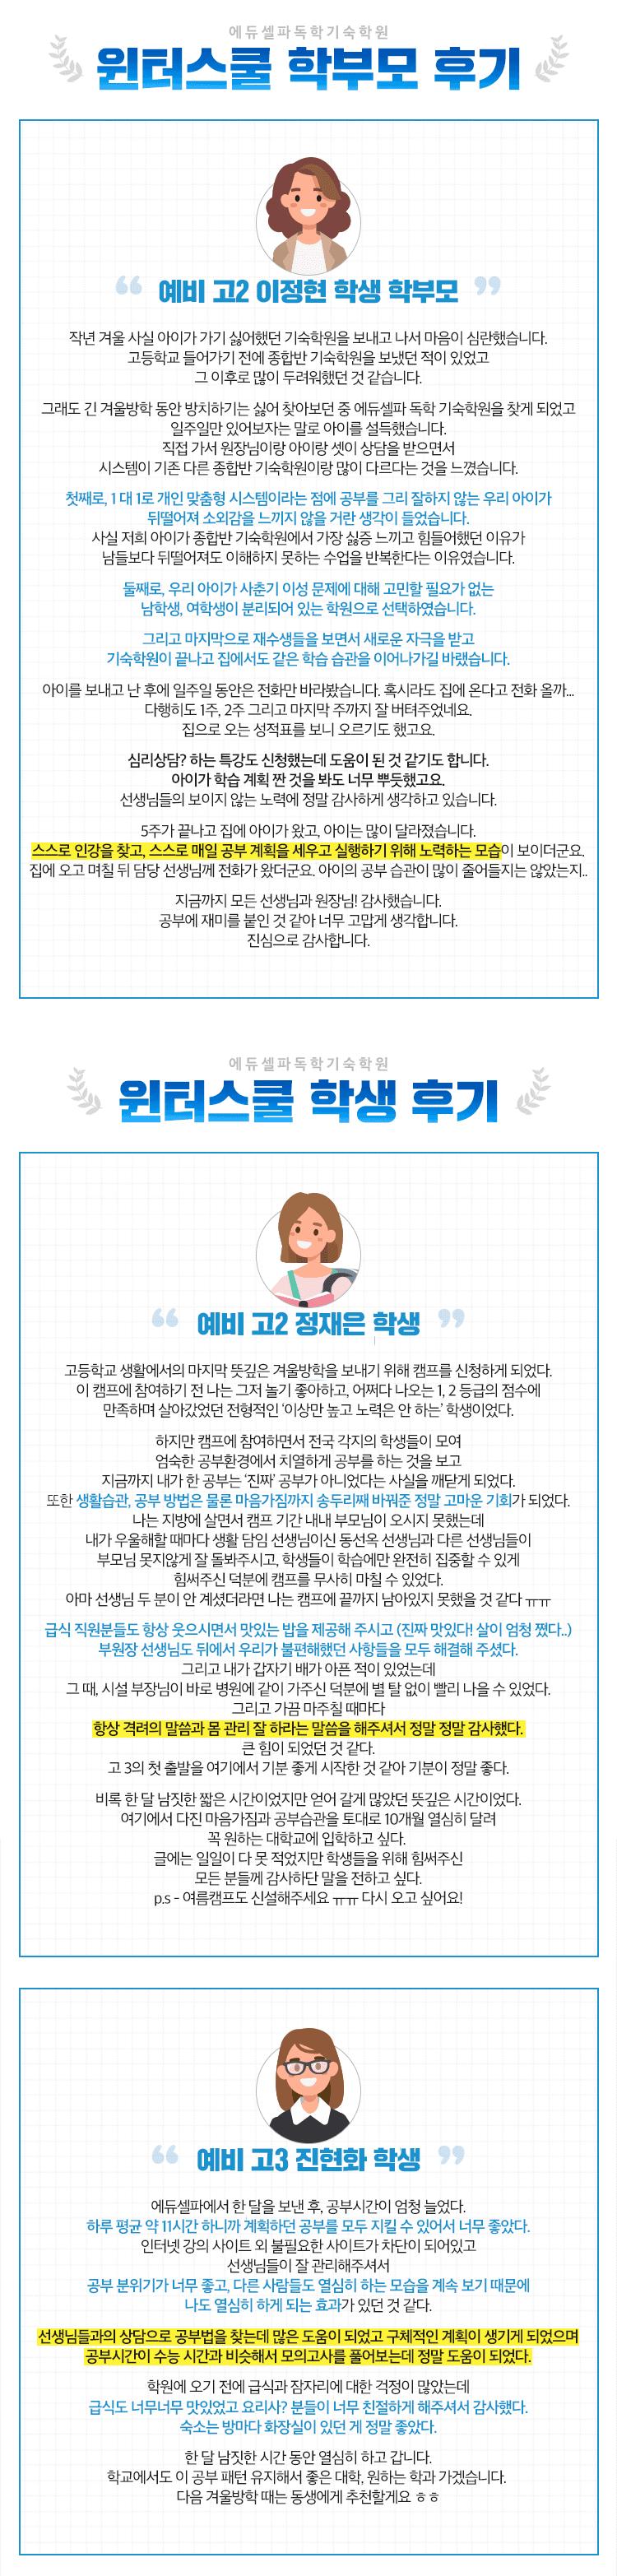 윈터스쿨 후기 모바일